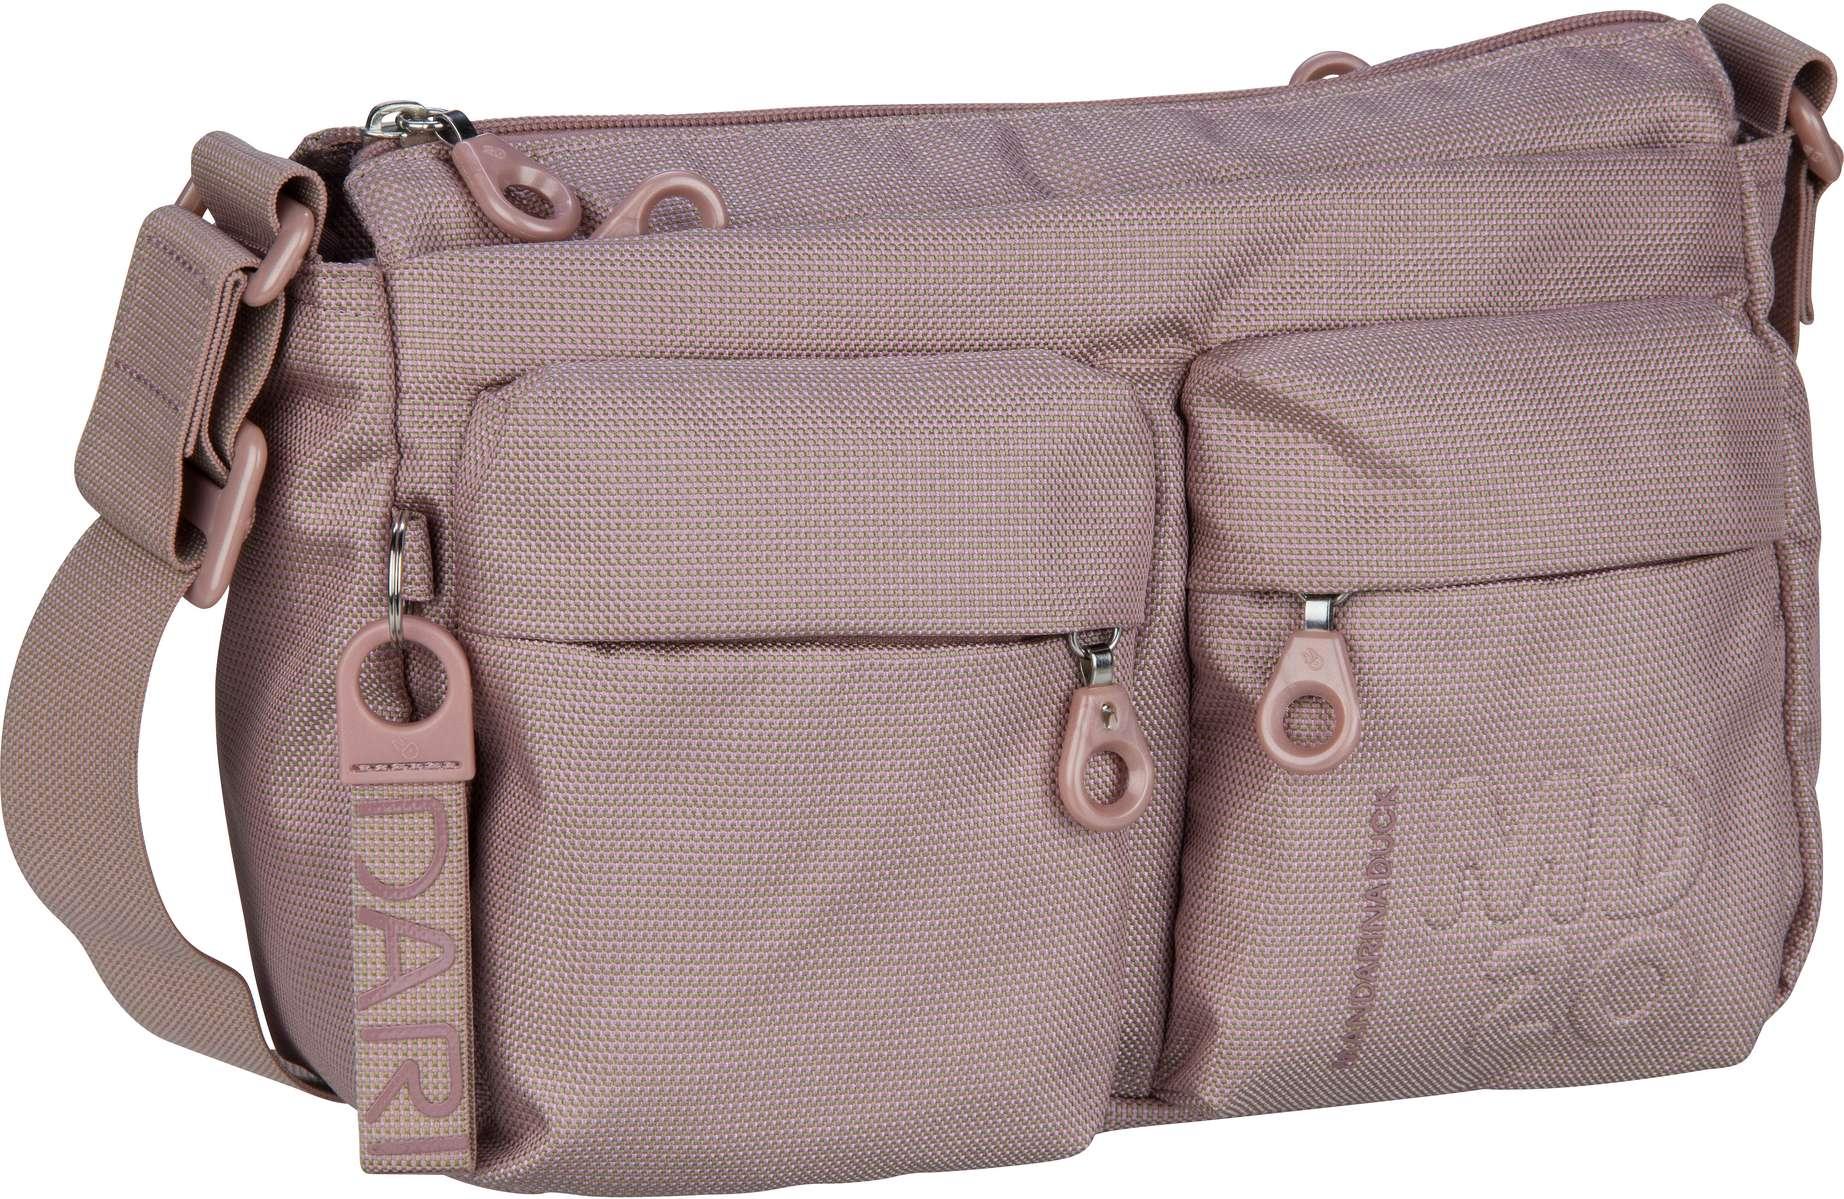 Umhängetasche MD20 Crossover Bag QMTX5 Pale Blush